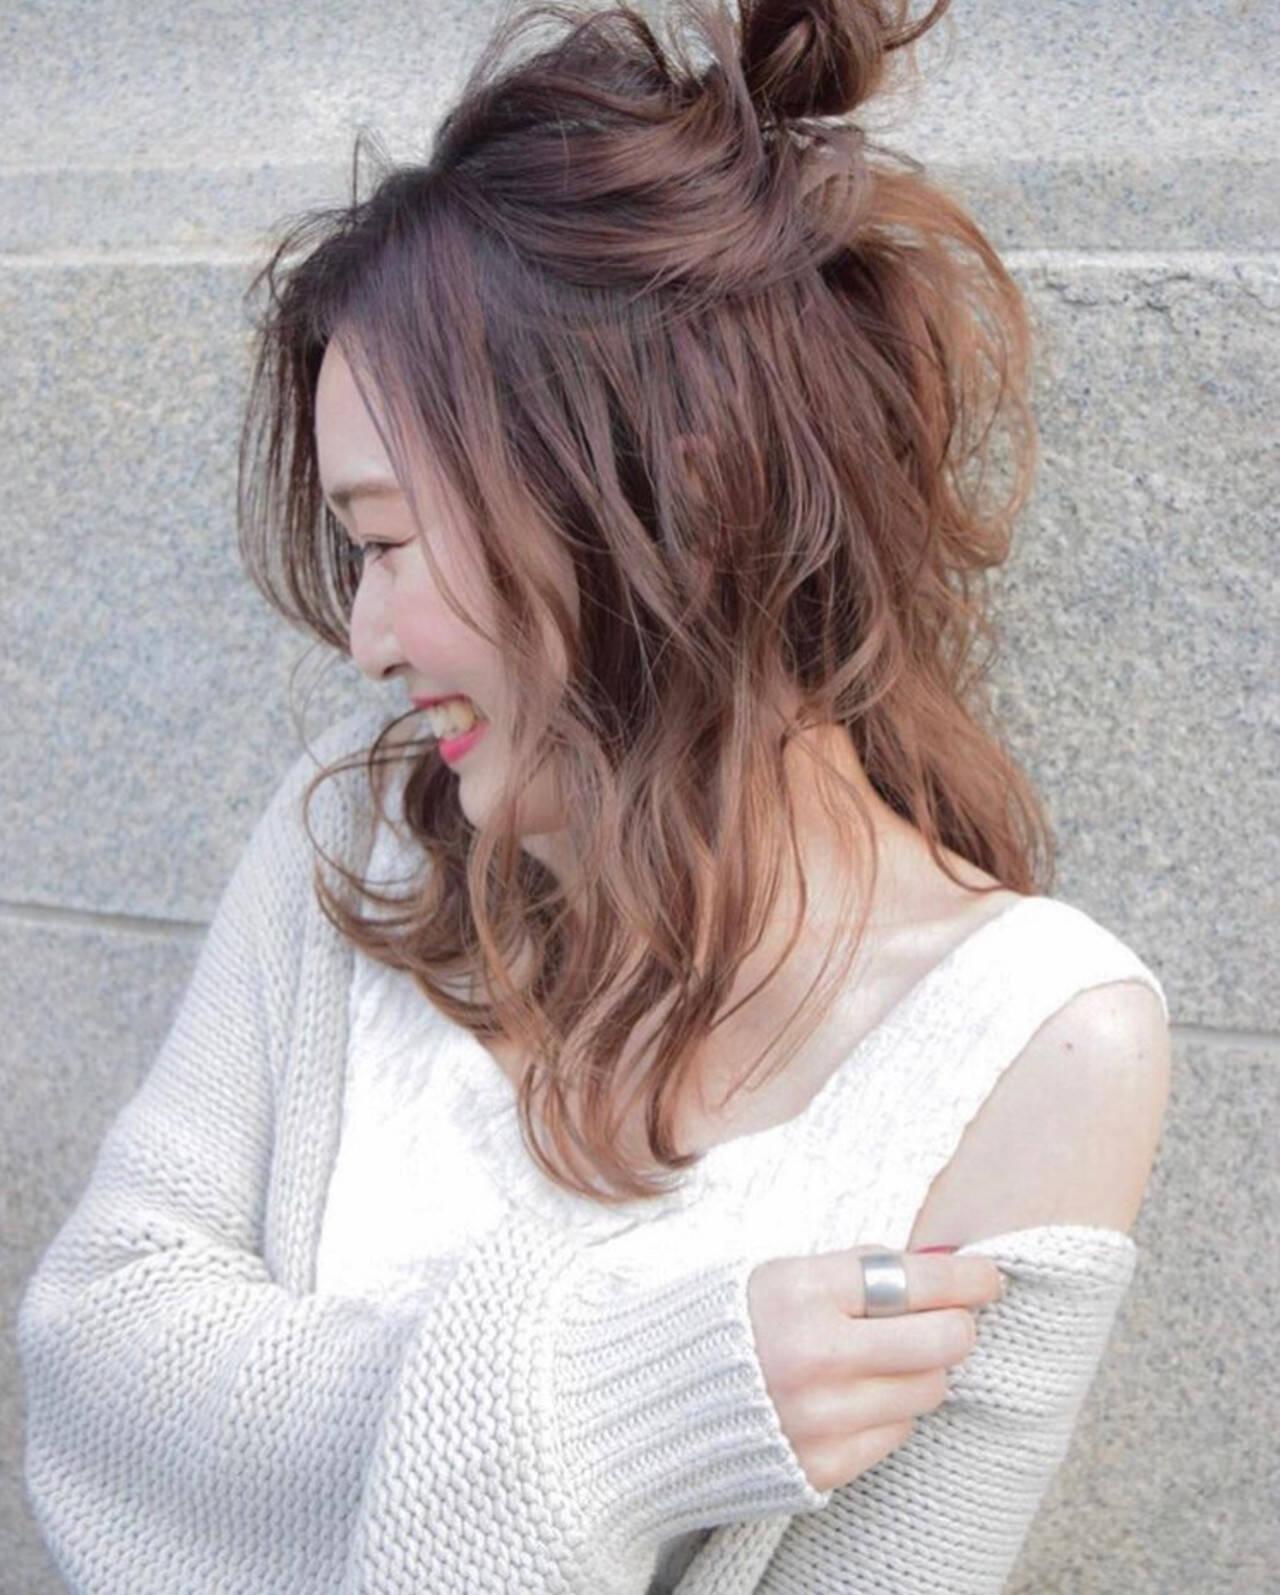 セミロング ヘアアレンジ フェミニン 結婚式ヘアスタイルや髪型の写真・画像